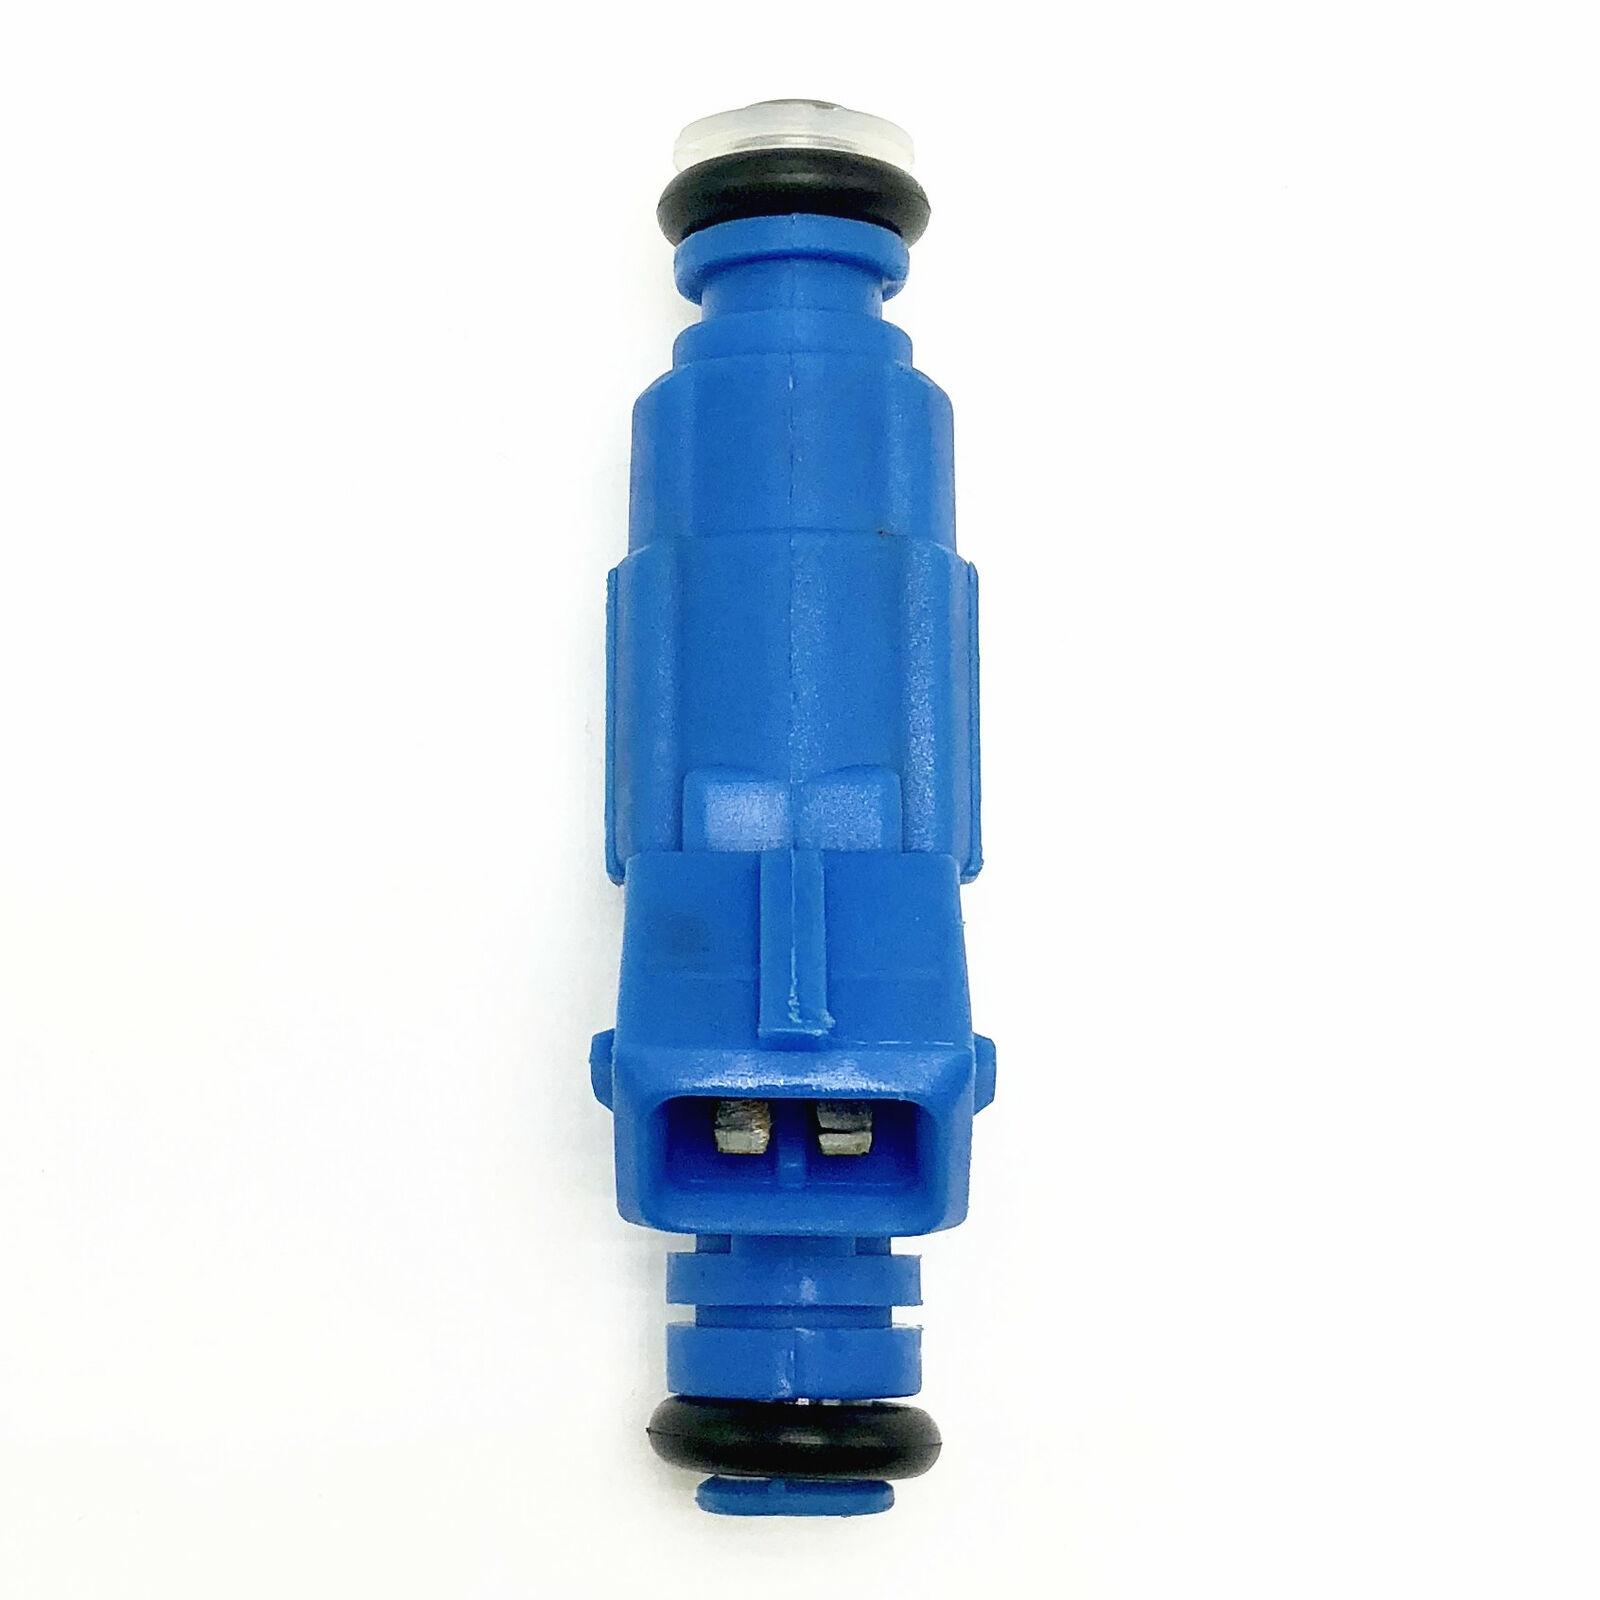 4 pcs OEM Bosch Flow Matched Fuel Injectors for  Escort Contour Ford Escape Focu